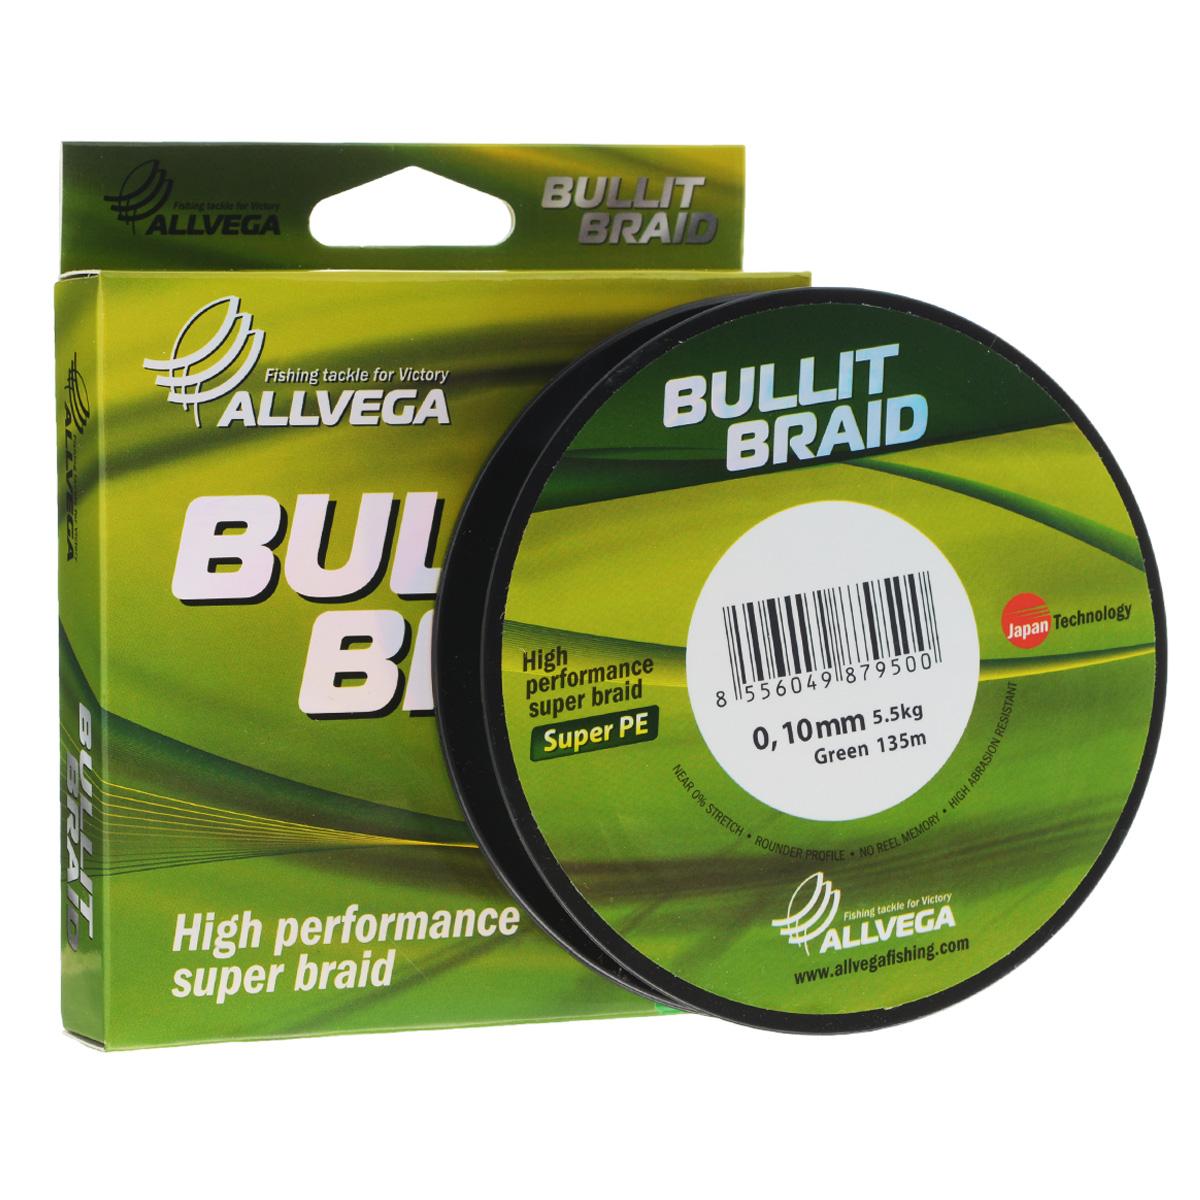 Леска плетеная Allvega Bullit Braid, цвет: темно-зеленый, 135 м, 0,10 мм, 5,5 кг21439Леска Allvega Bullit Braid с гладкой поверхностью и одинаковым сечением по всей длине обладает высокой износостойкостью. Благодаря микроволокнам полиэтилена (Super PE) леска имеет очень плотное плетение и не впитывает воду. Леску Allvega Bullit Braid можно применять в любых типах водоемов. Особенности: повышенная износостойкость; высокая чувствительность - коэффициент растяжения близок к нулю; отсутствует память; идеально гладкая поверхность позволяет увеличить дальность забросов; высокая прочность шнура на узлах.